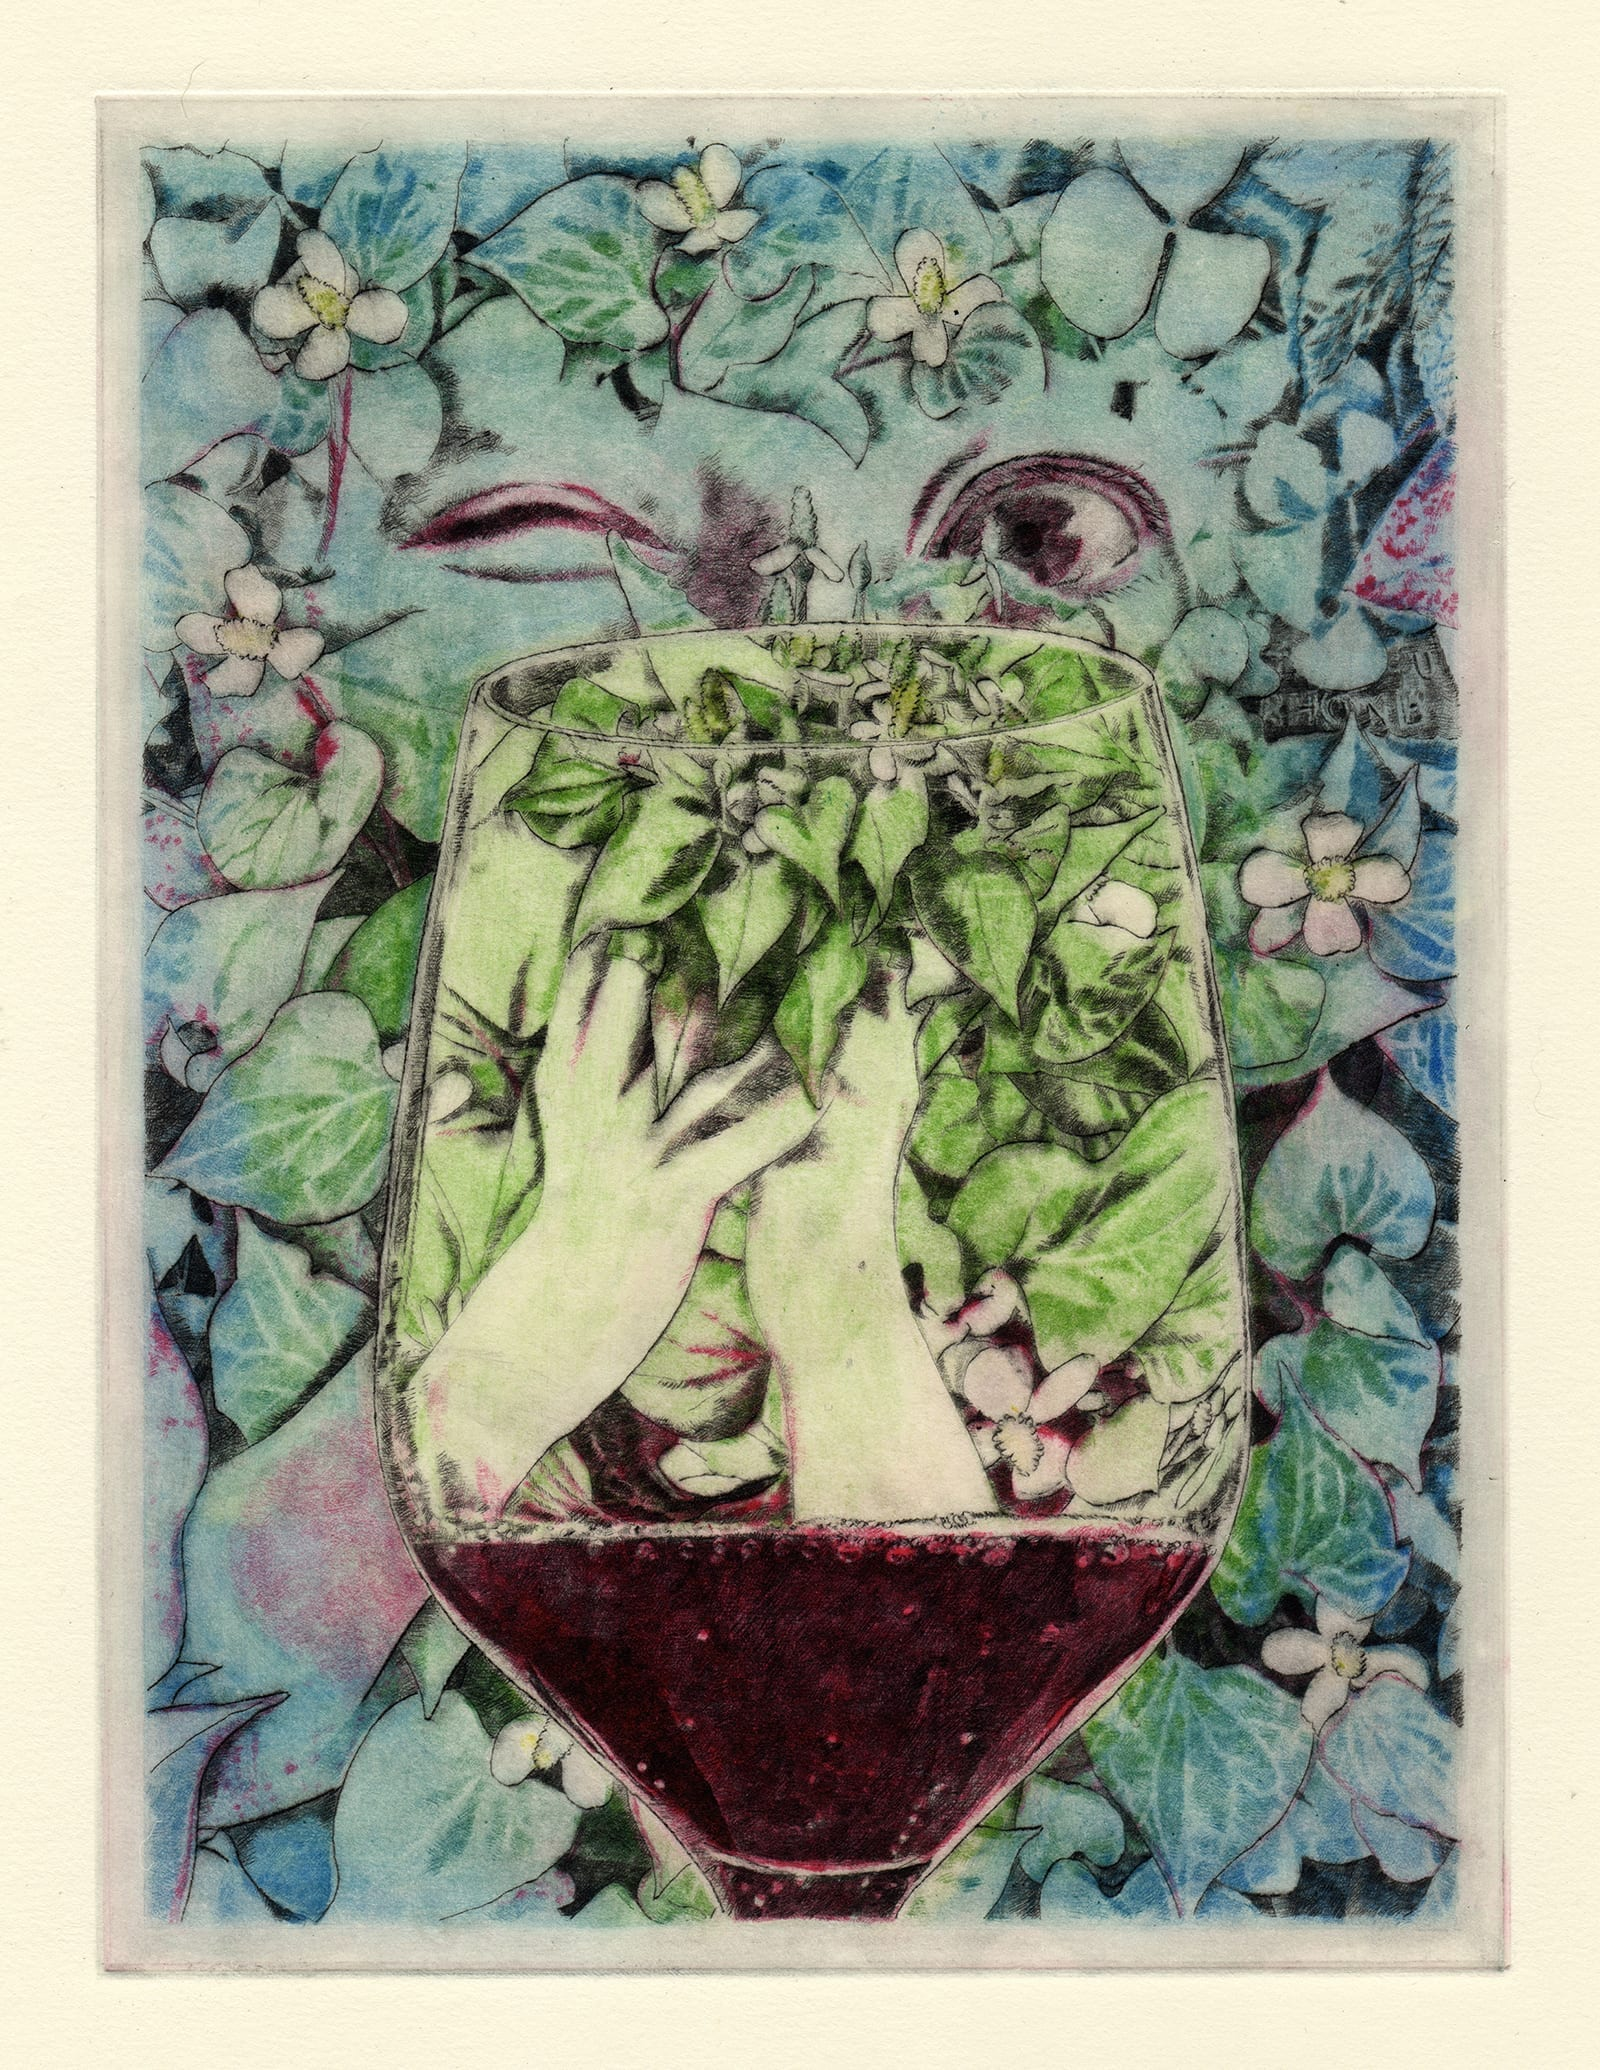 Dokudami (drypoint etching by Yaemi Shigyo)